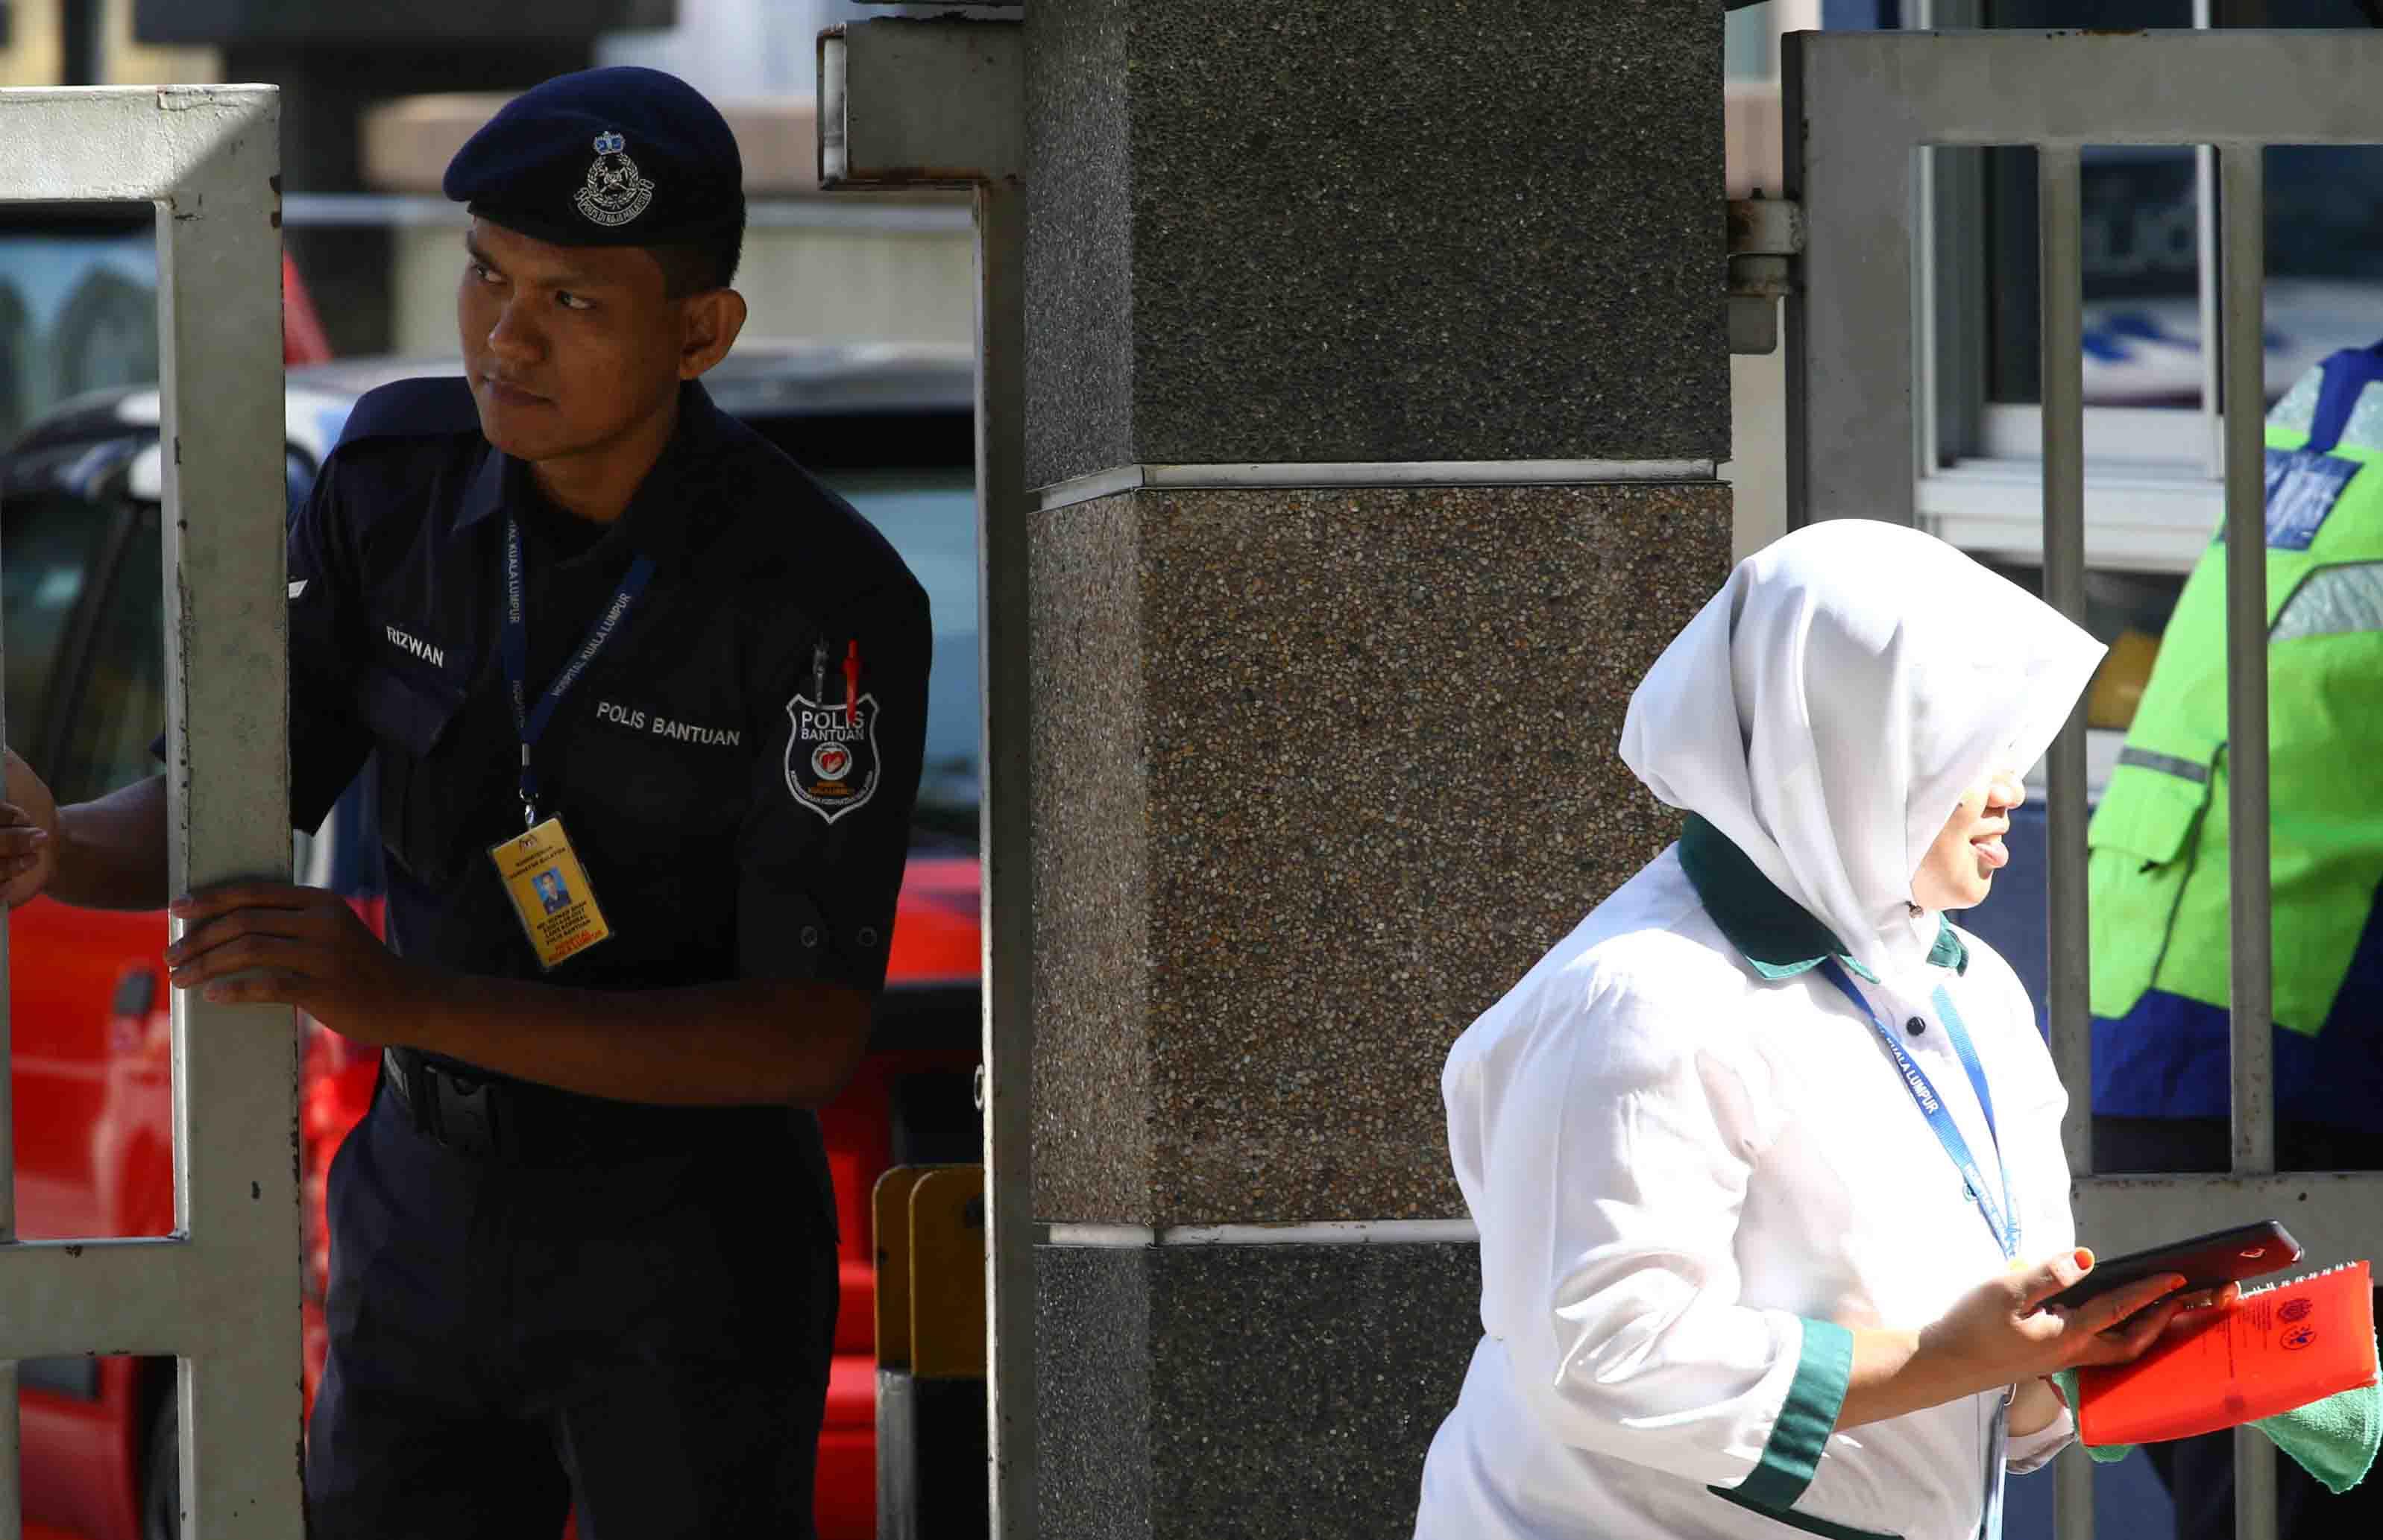 La Policía malasia tiene permiso de permanecer con el cadáver hasta que los familiares presenten una muestra de ADN